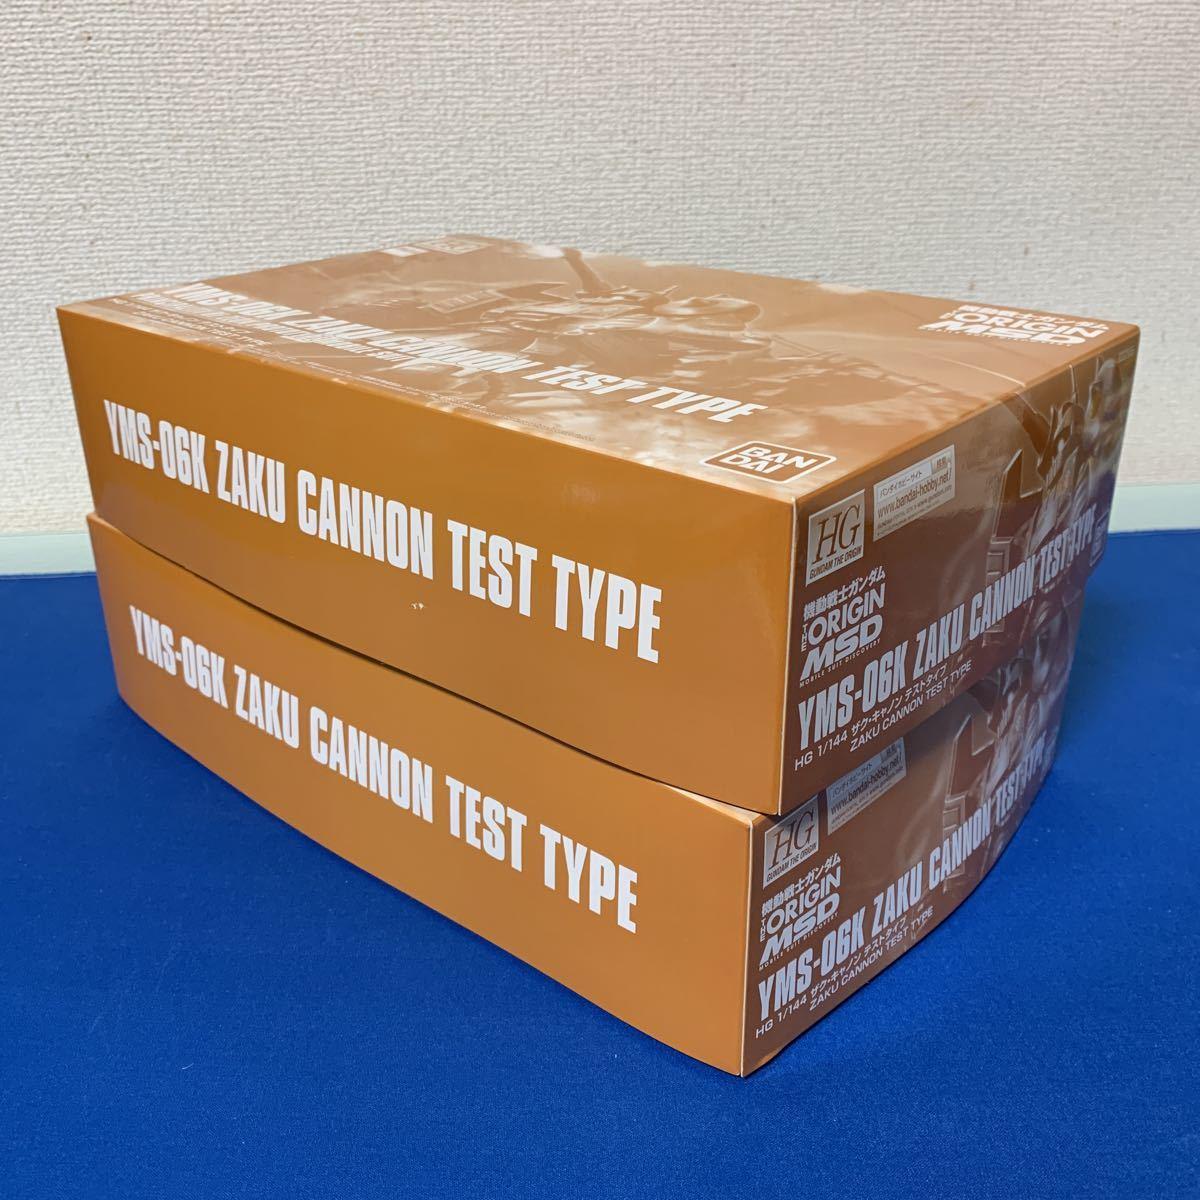 プレミアムバンダイ HG 1/144 ザク・キャノン テストタイプ 2体セット新品未開封品_画像2